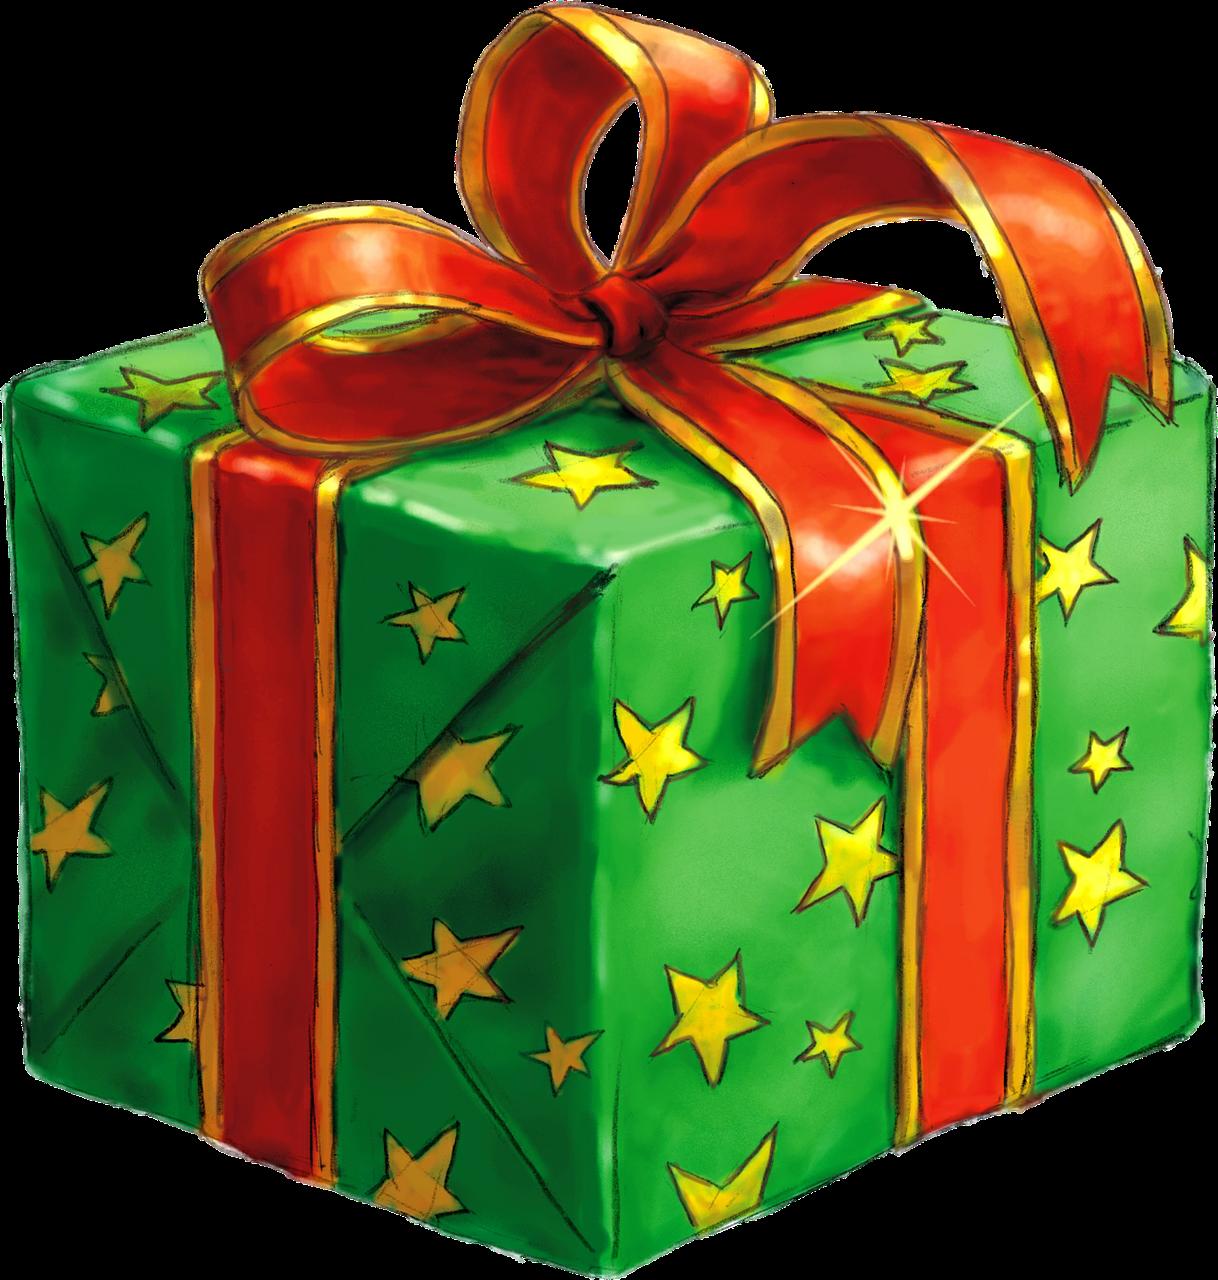 自社製品を贈り物としてプレゼントした場合の処理方法と注意点